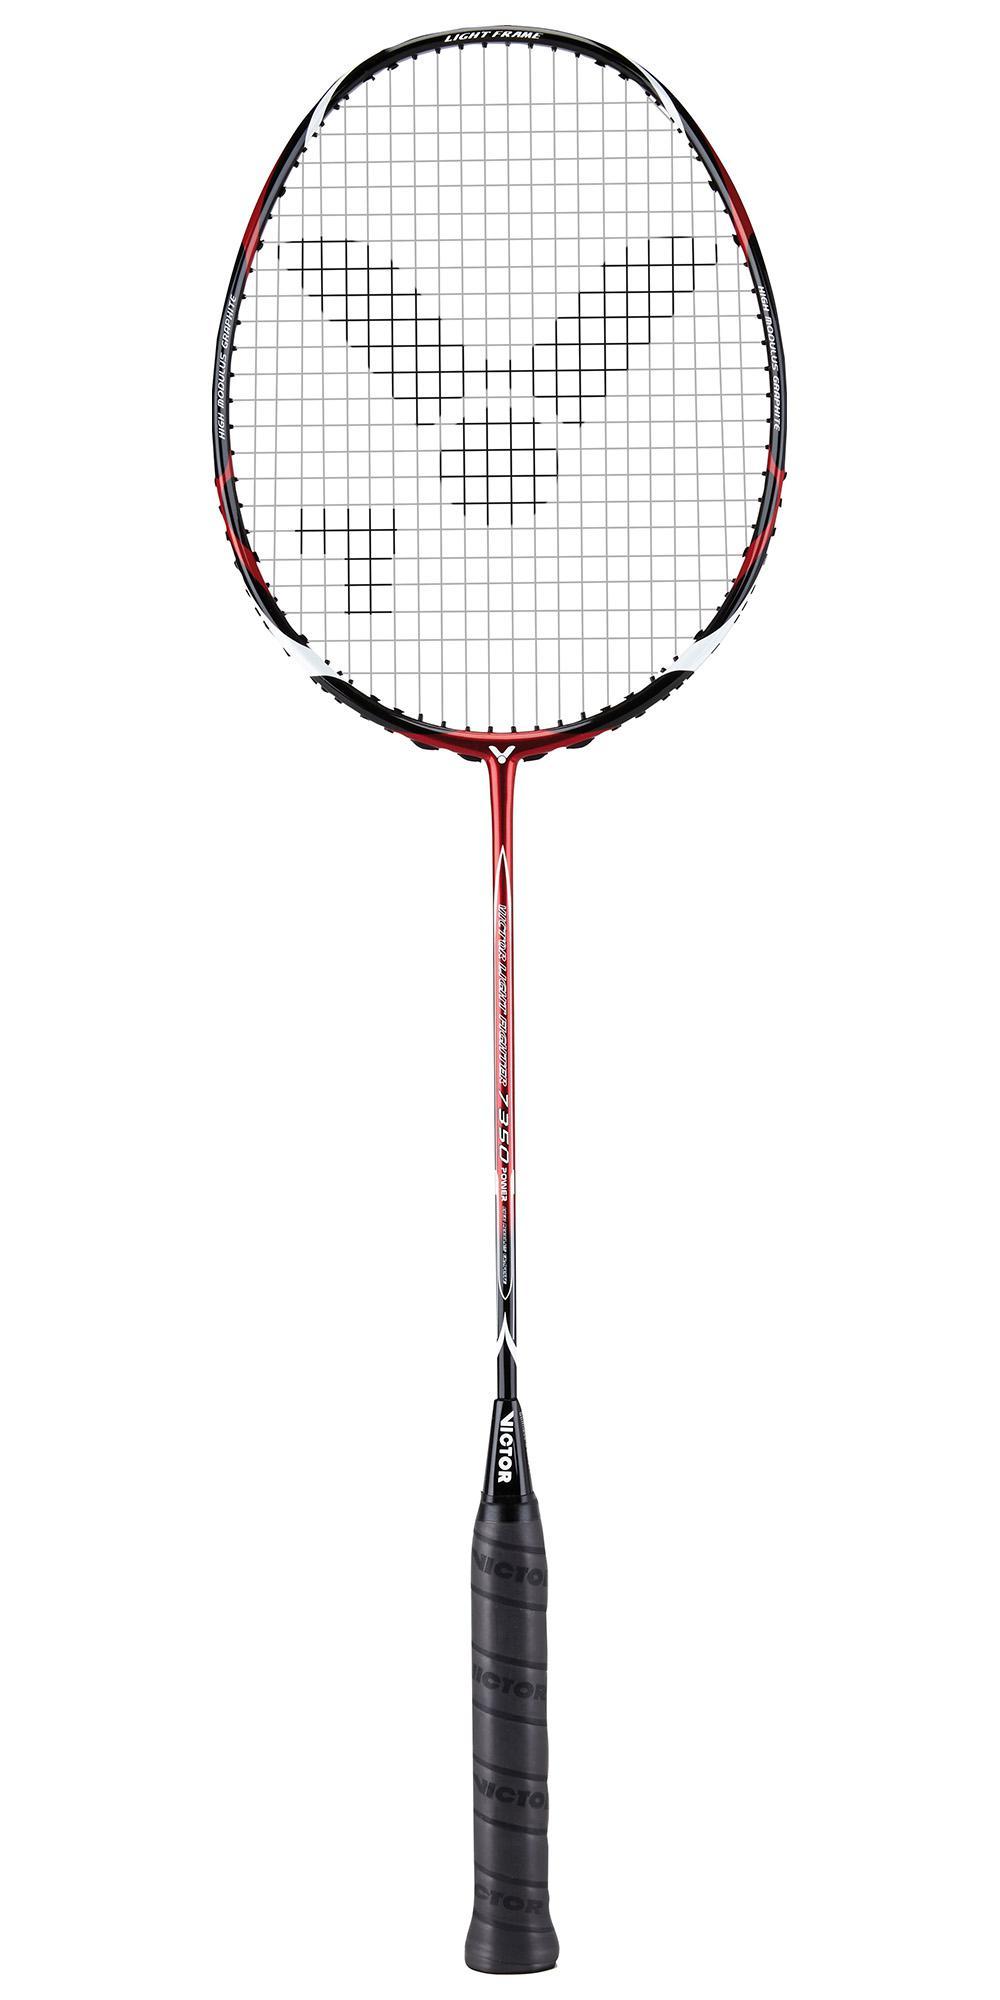 Victor Light Fighter 7350 Badminton Racket - Tennisnuts.com